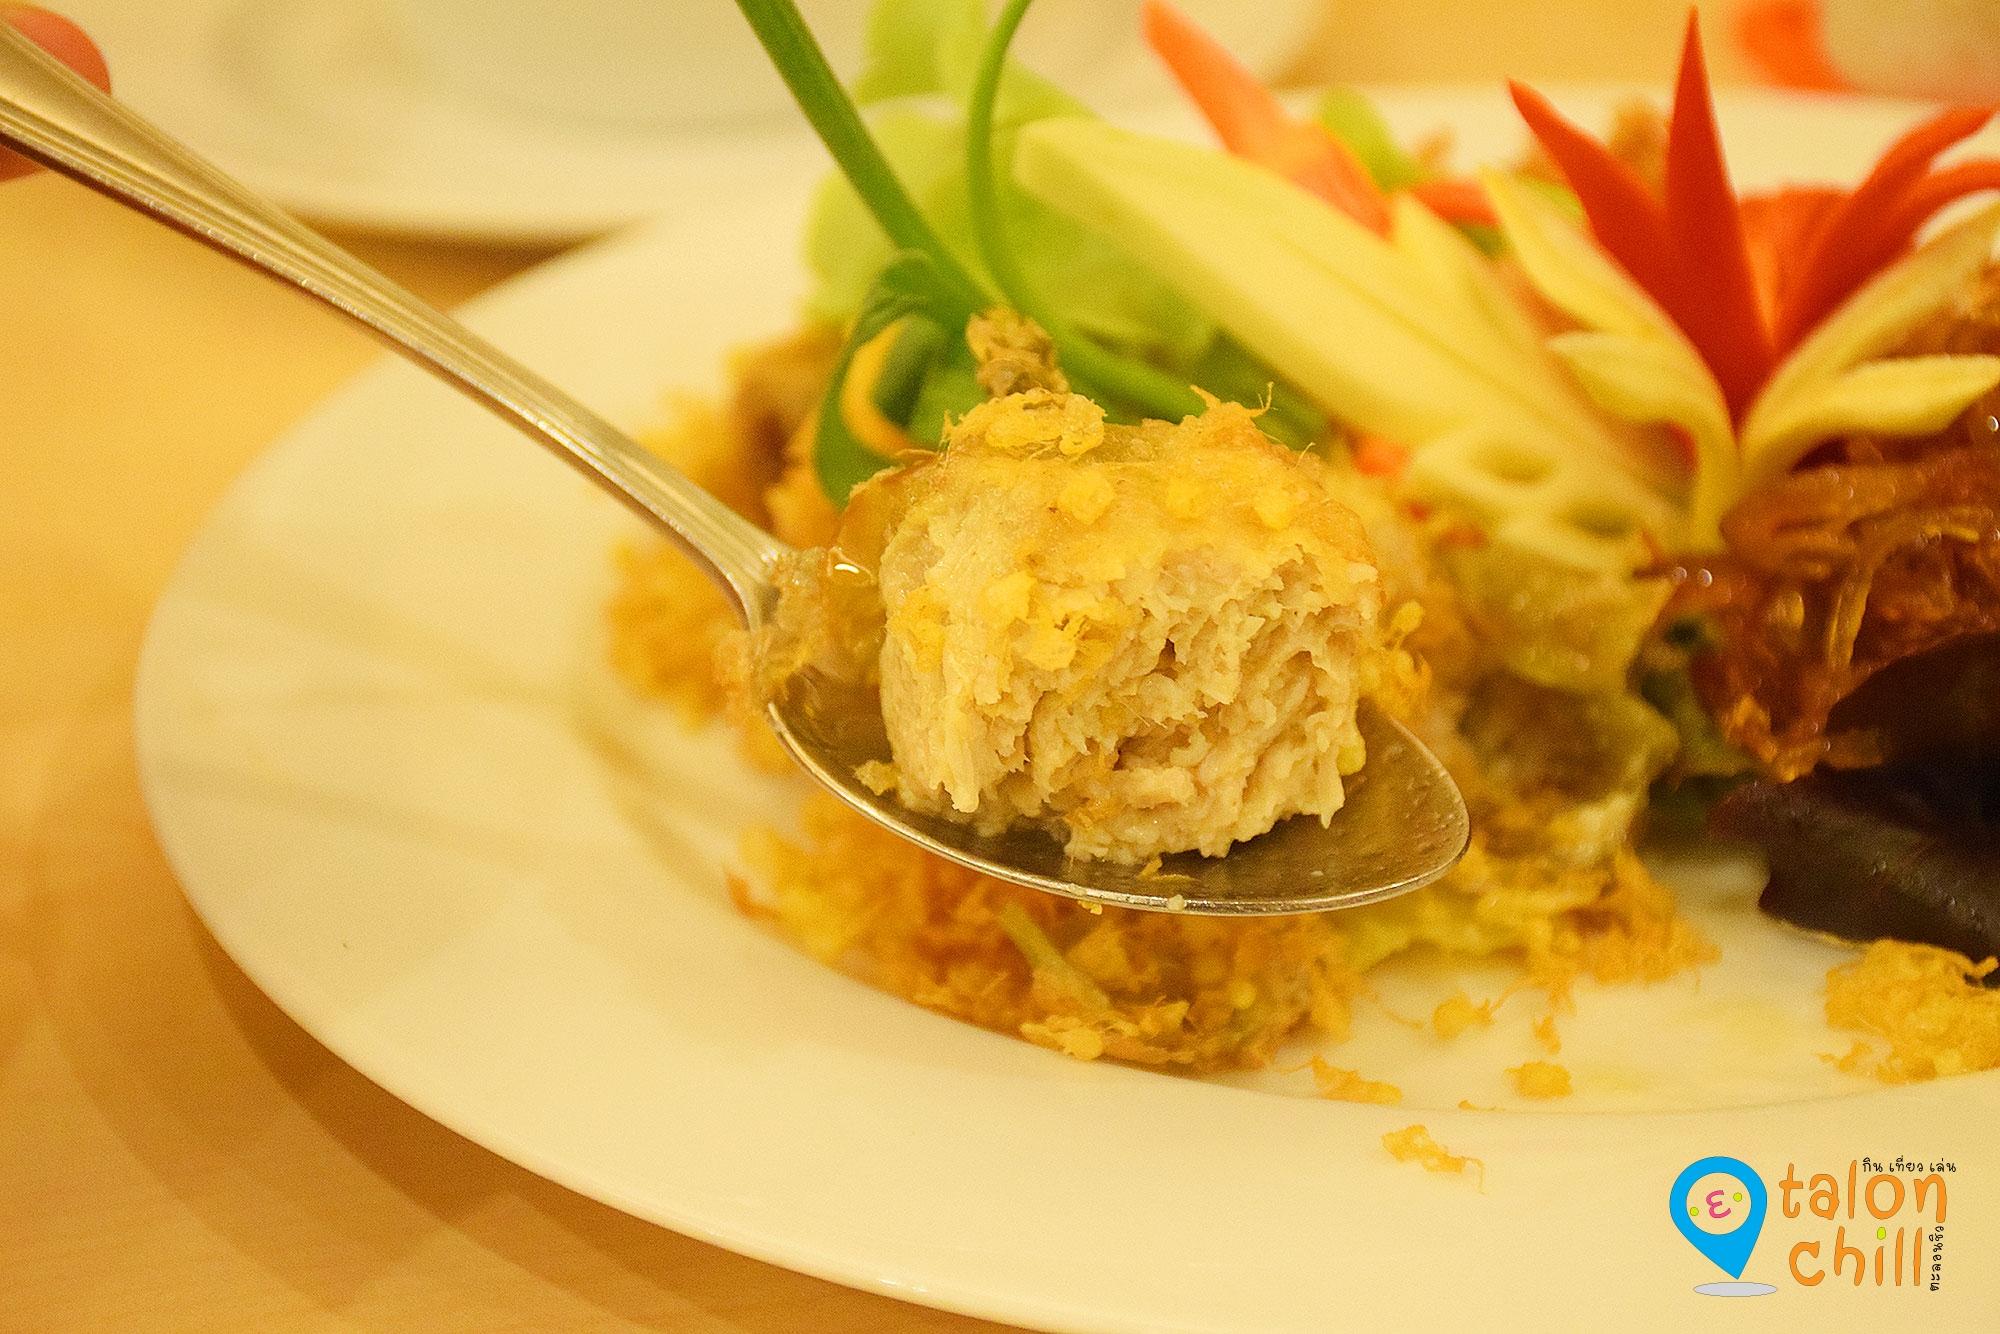 [รีวิว] เมนูอาหารเทศกาลข้าวแช่ ของร้าน S&P ที่สาขาเดอะมอลล์งามวงศ์วาน